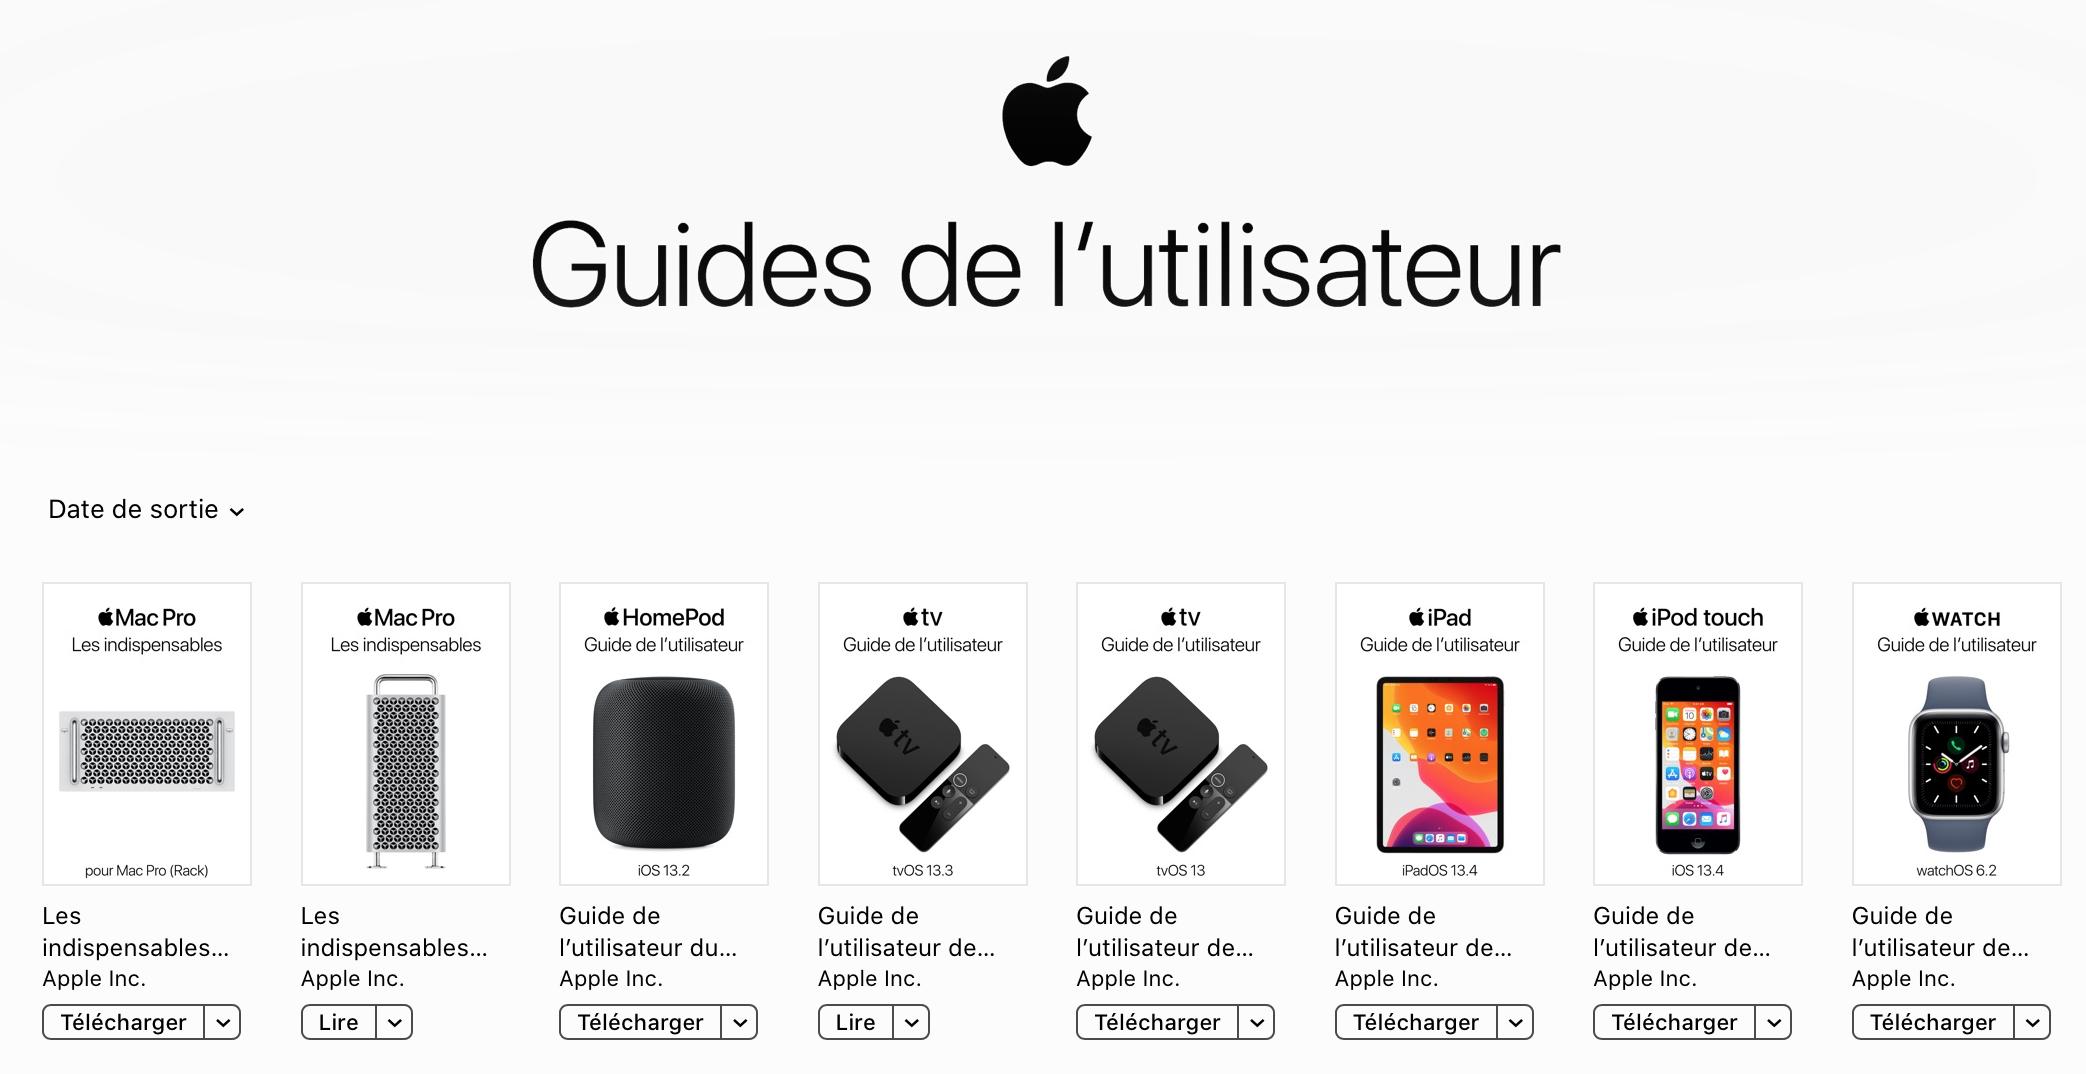 Guides-utilisateur